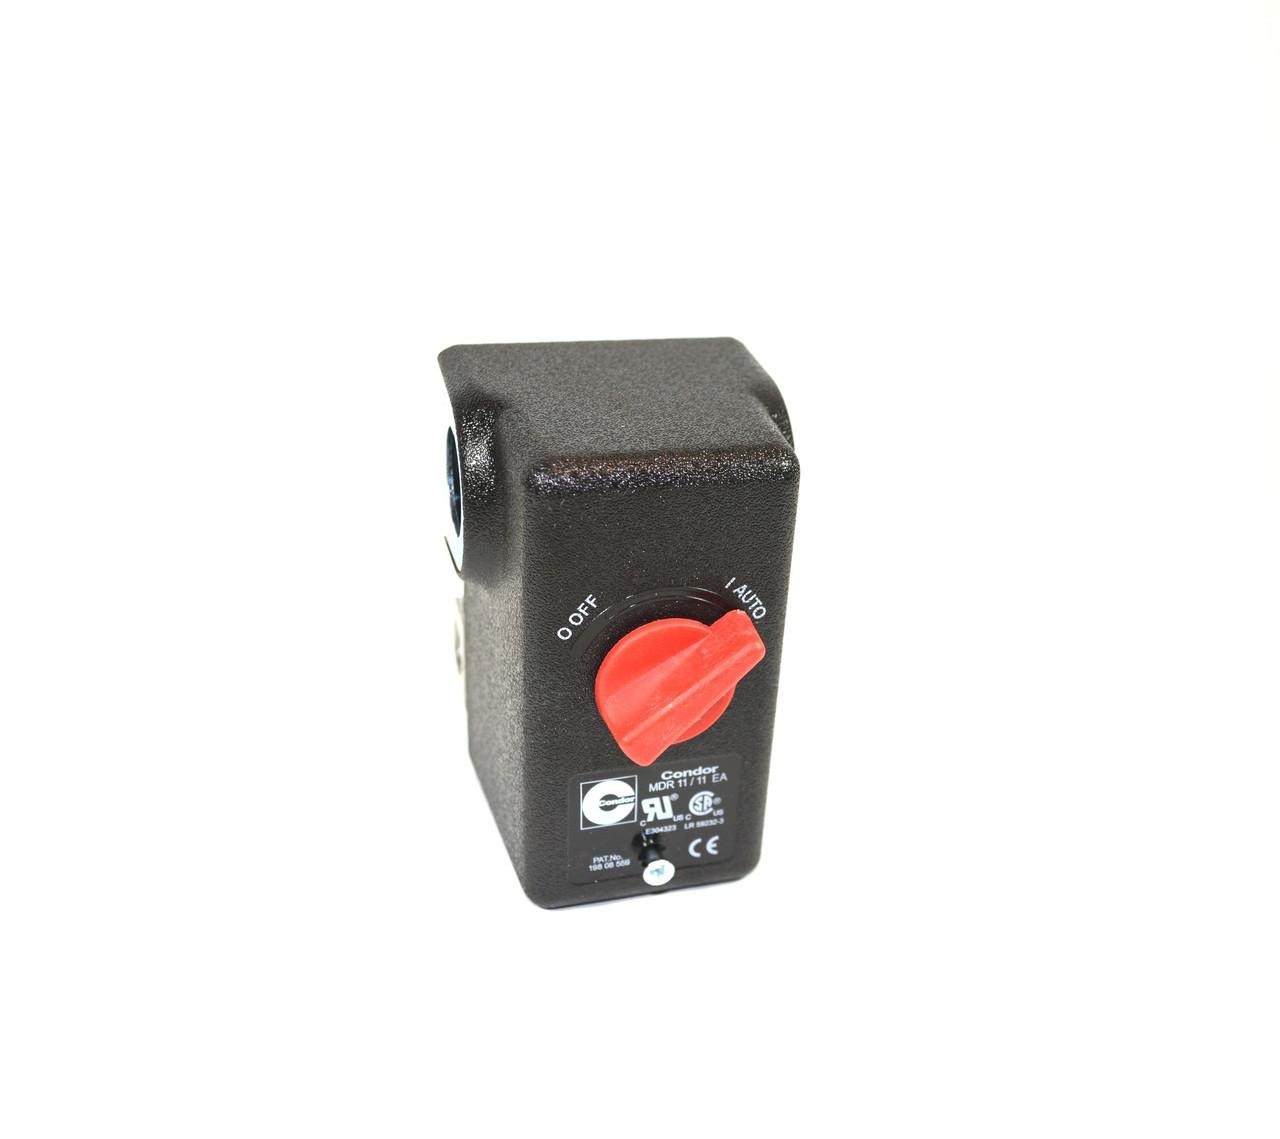 1312100570 Pressure Switch 145-175 psi